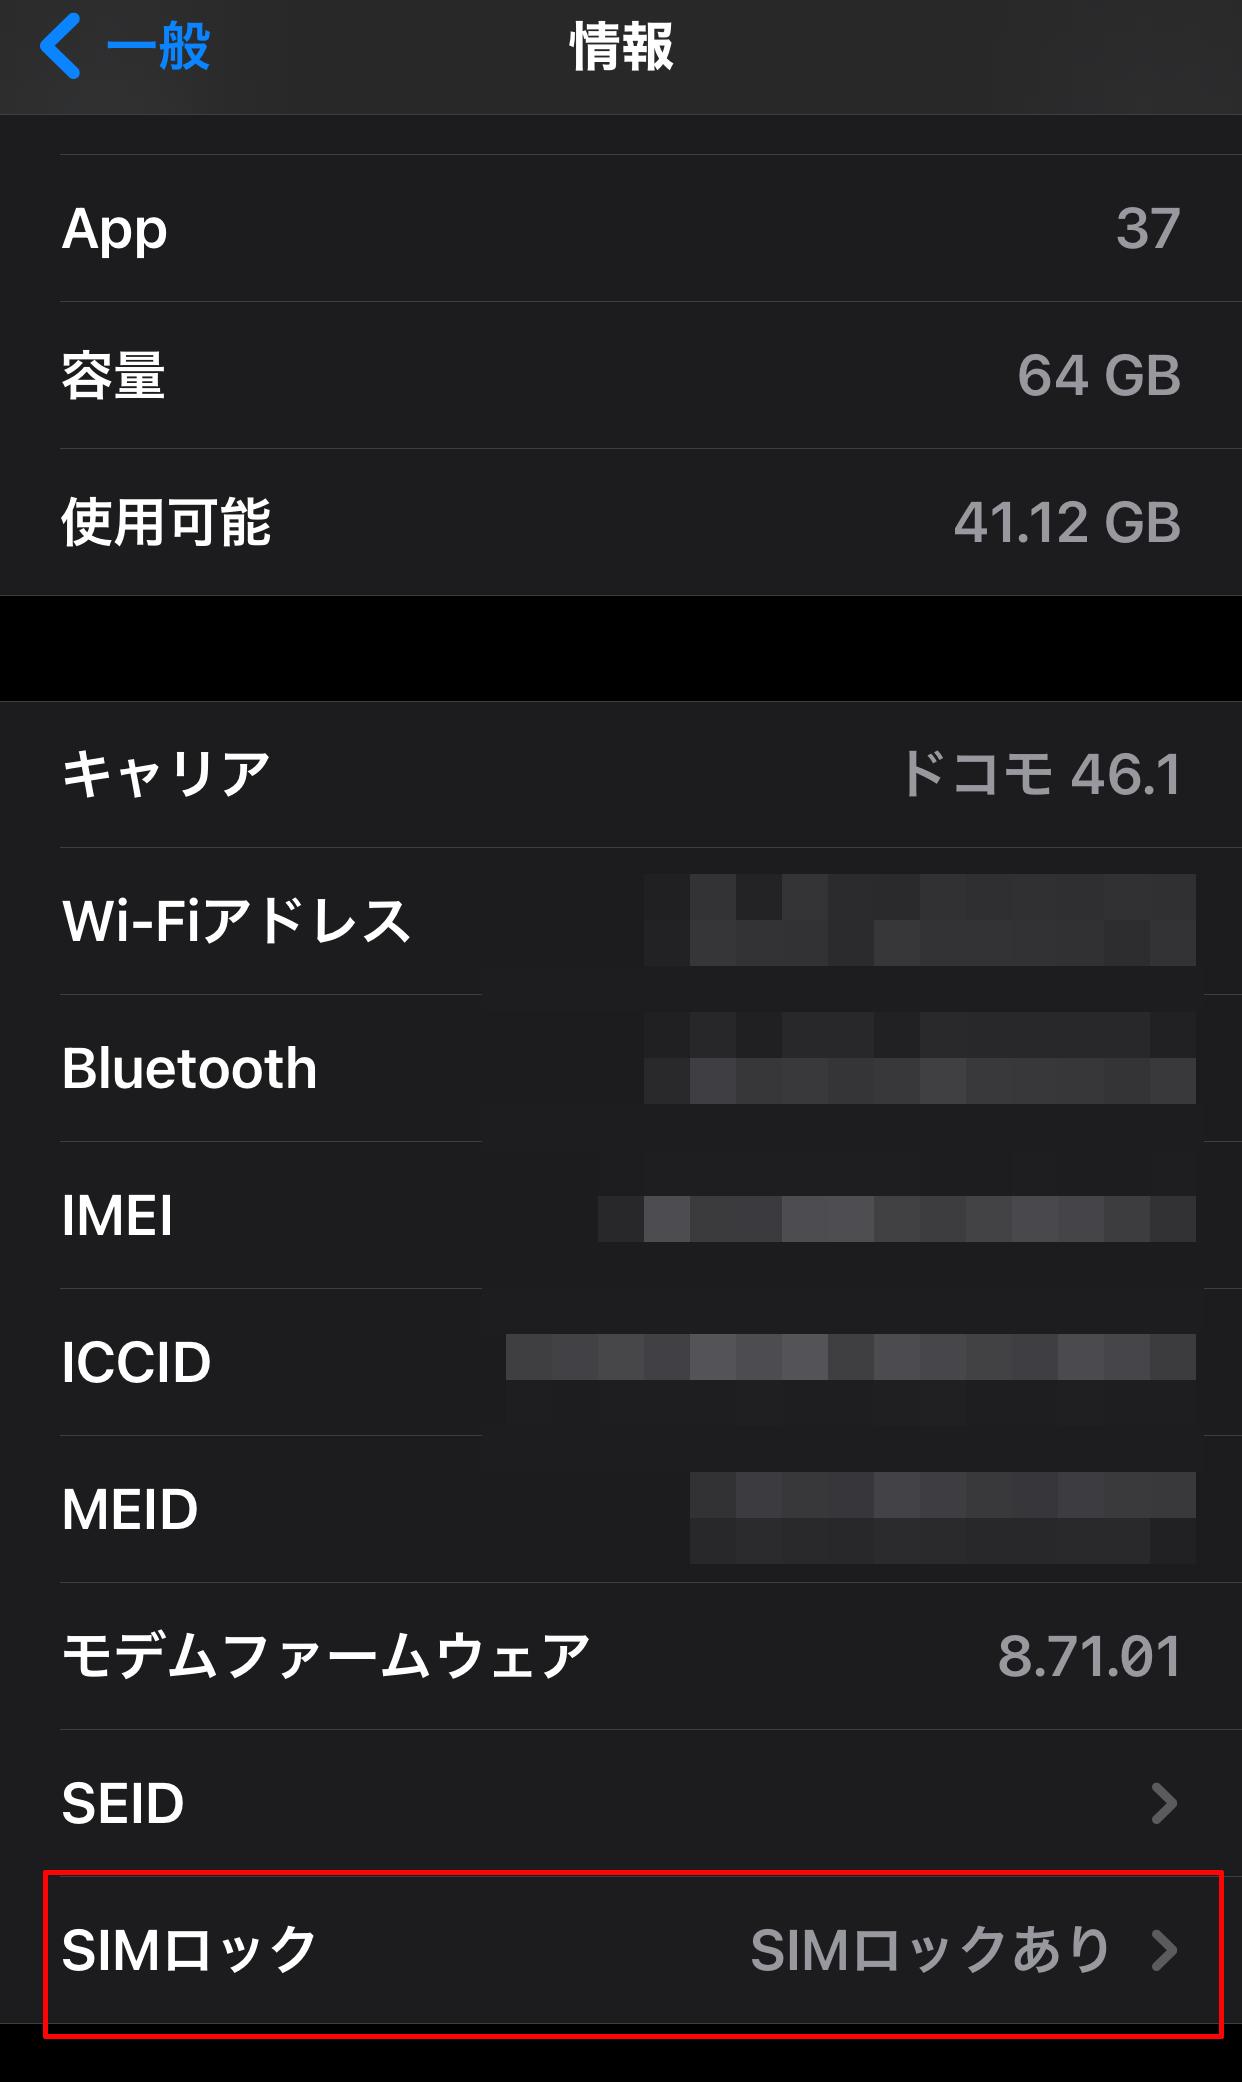 お手持ちのiPhoneがSIMロック解除済みである場合は、このように「SIMロックなし」と表記される